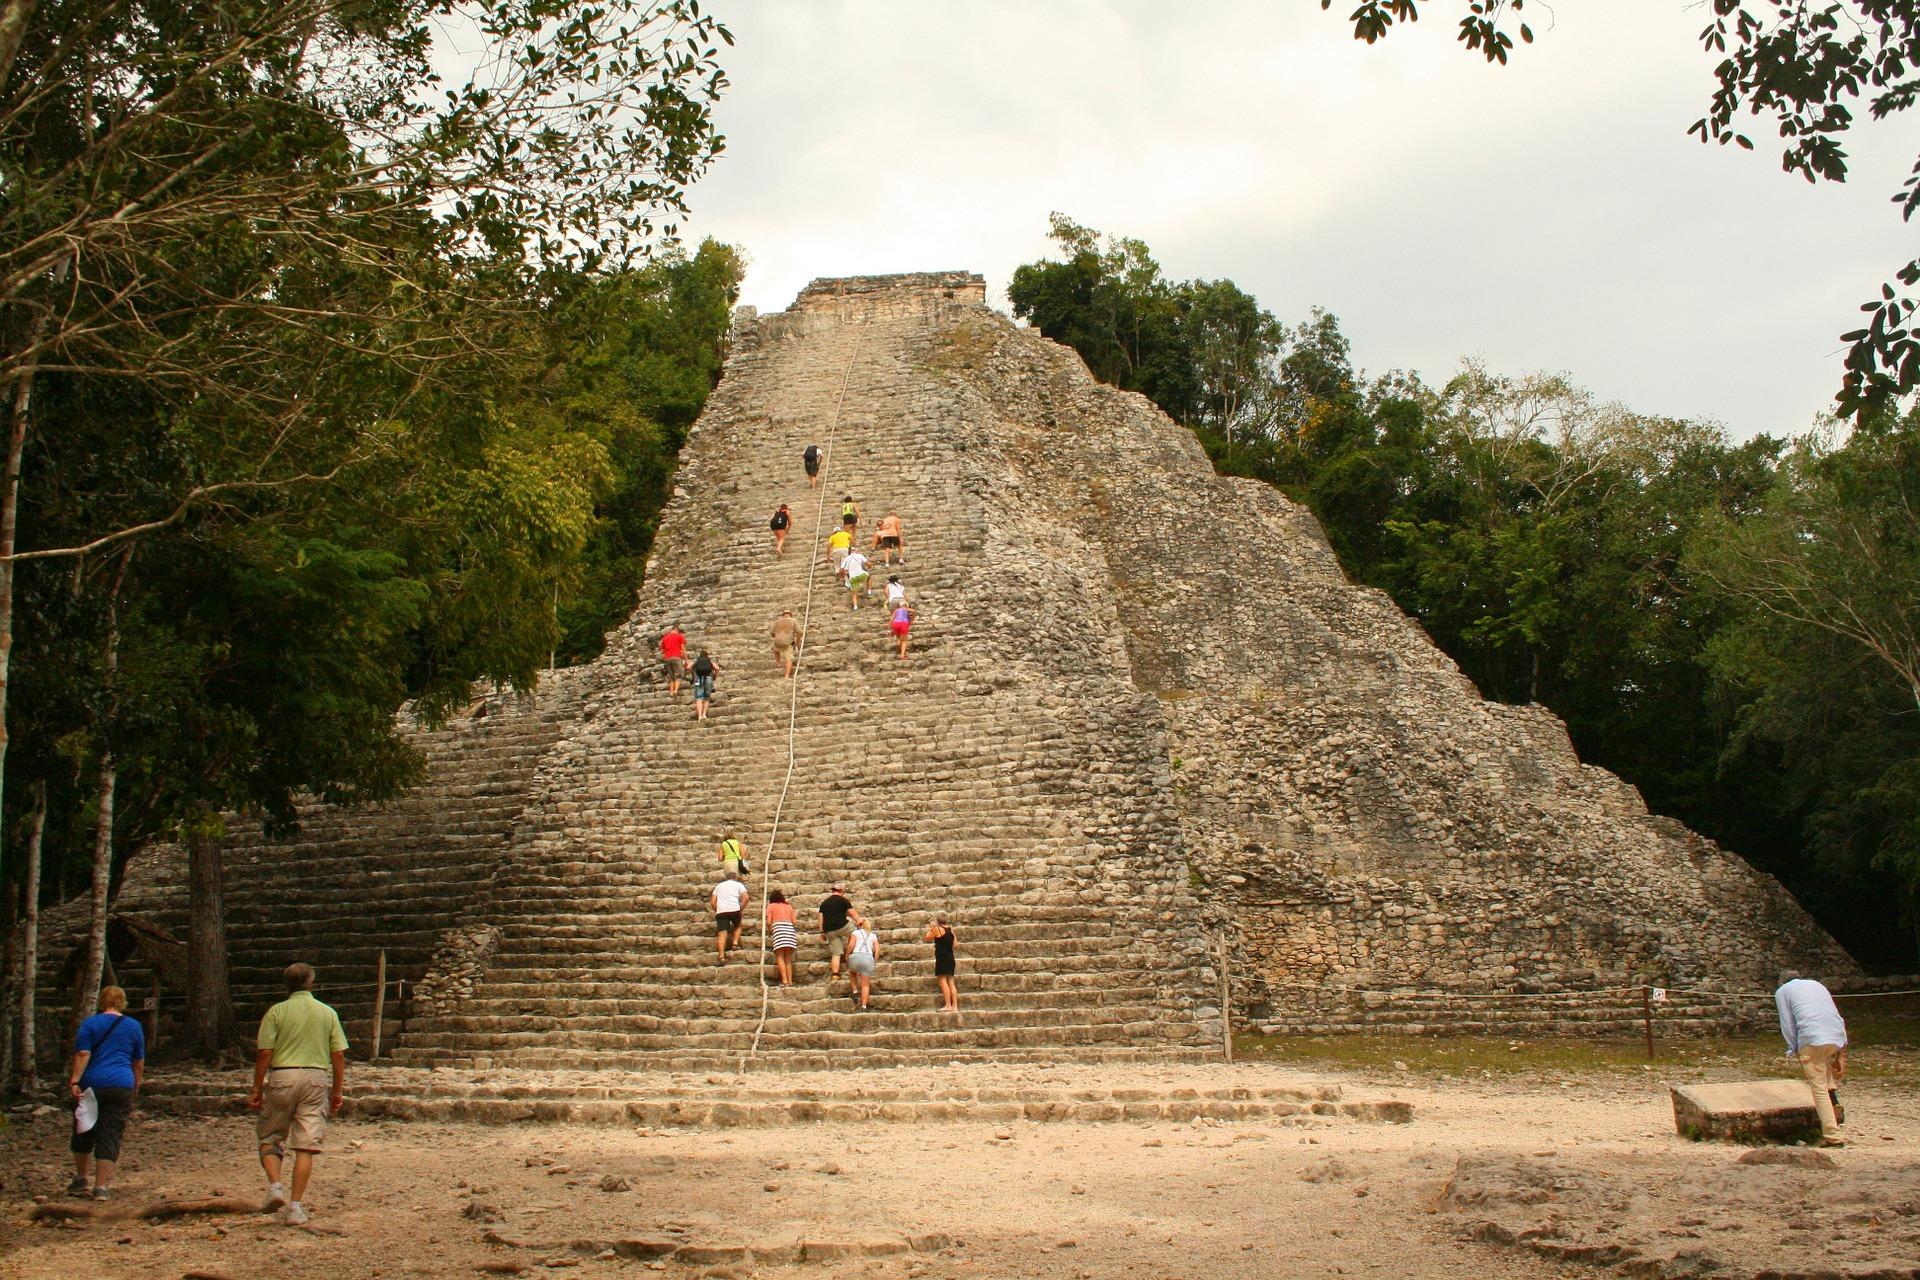 pyramid-747366_1920.jpg